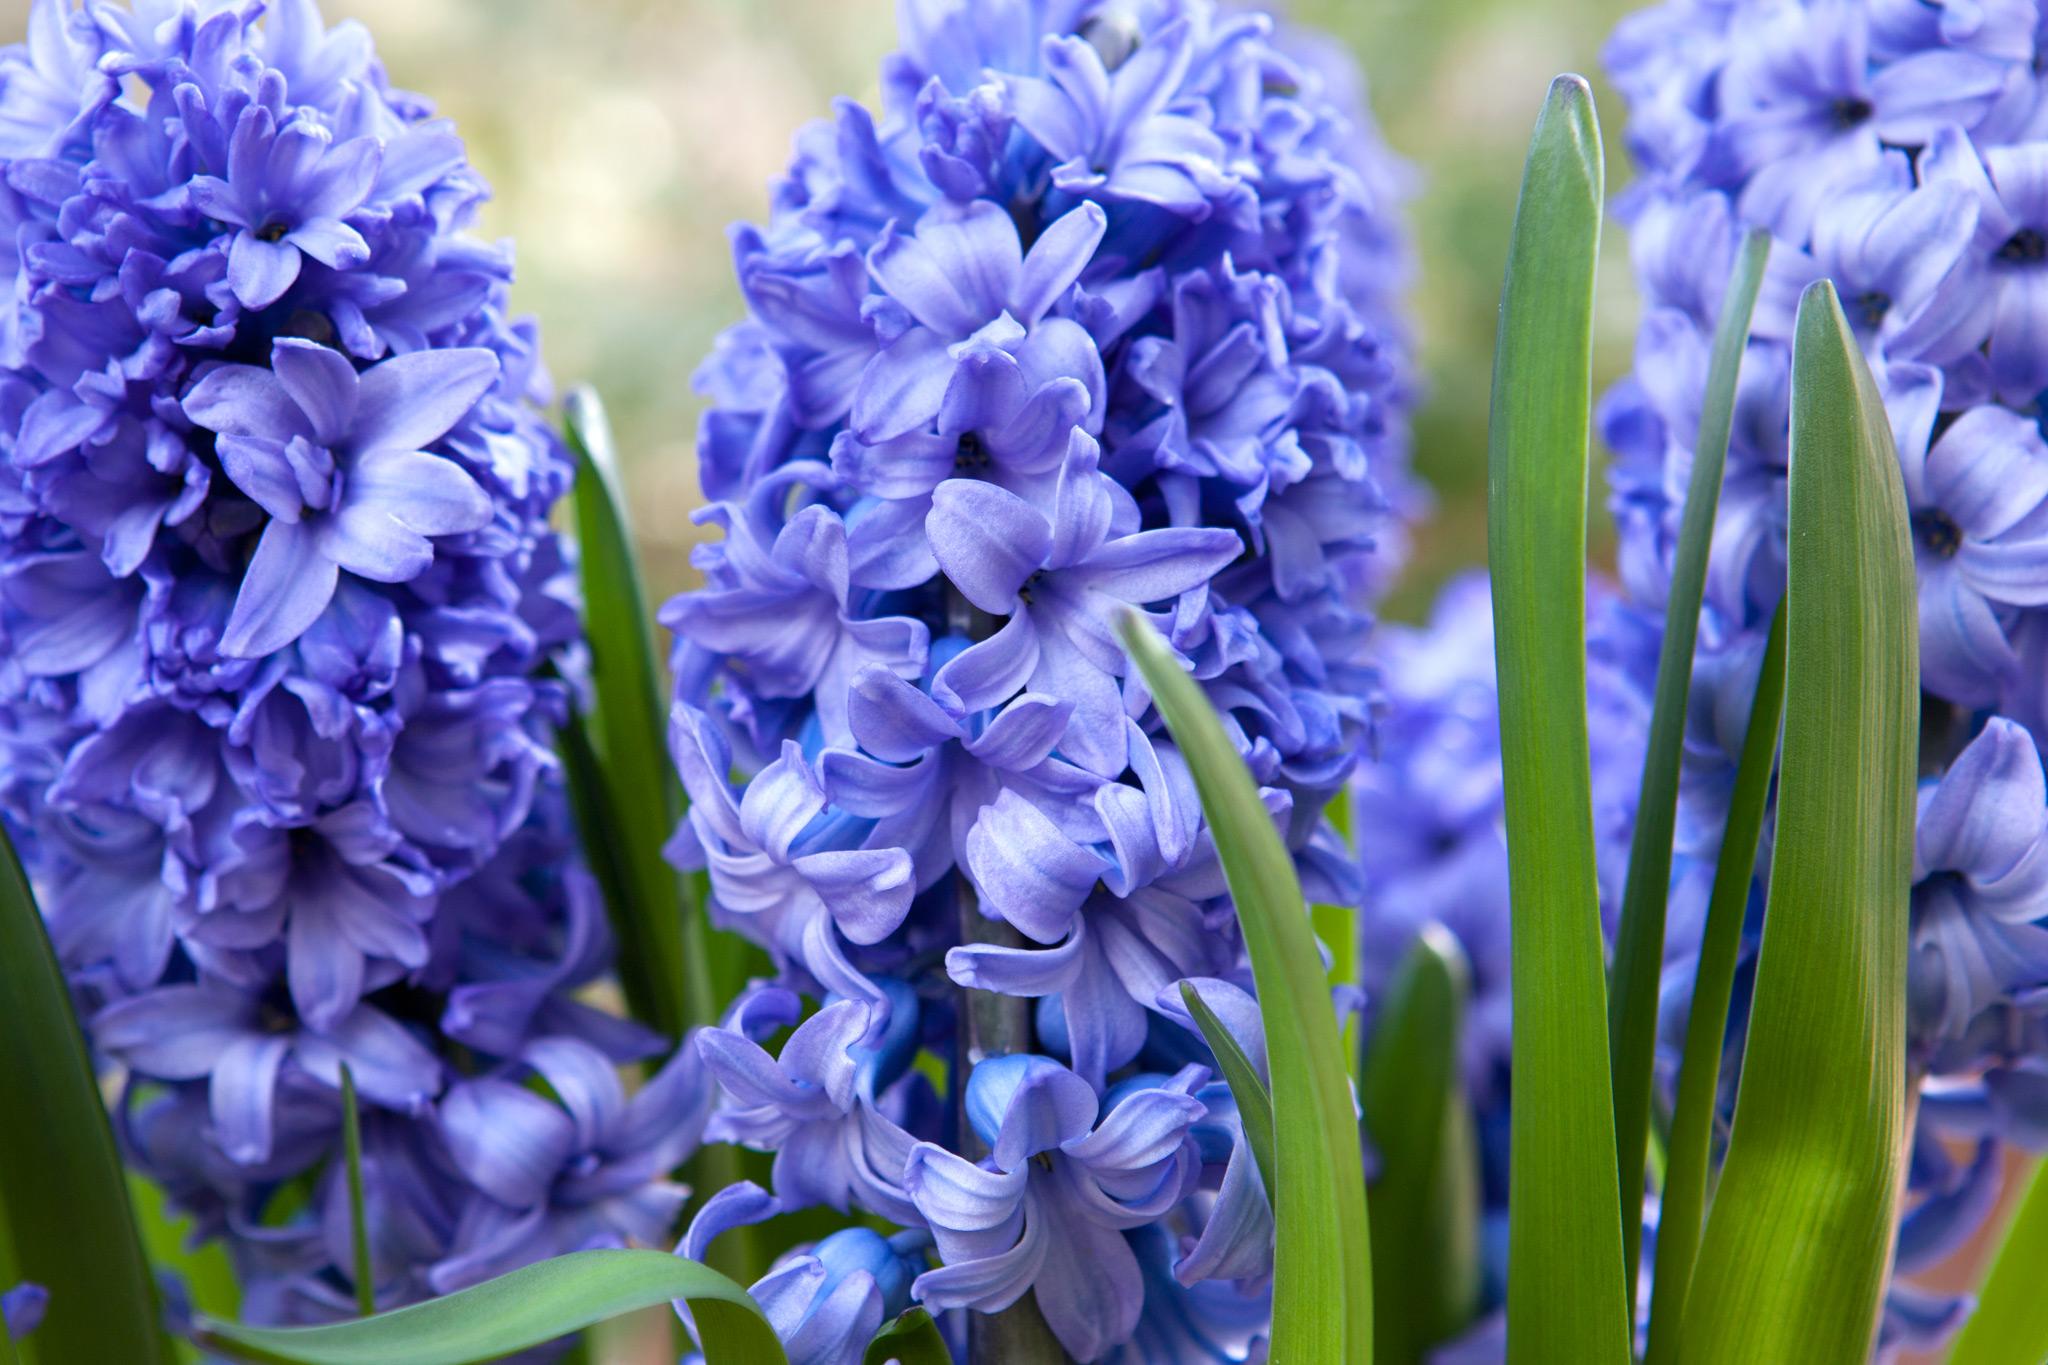 blue-hyacinths-in-flower-3